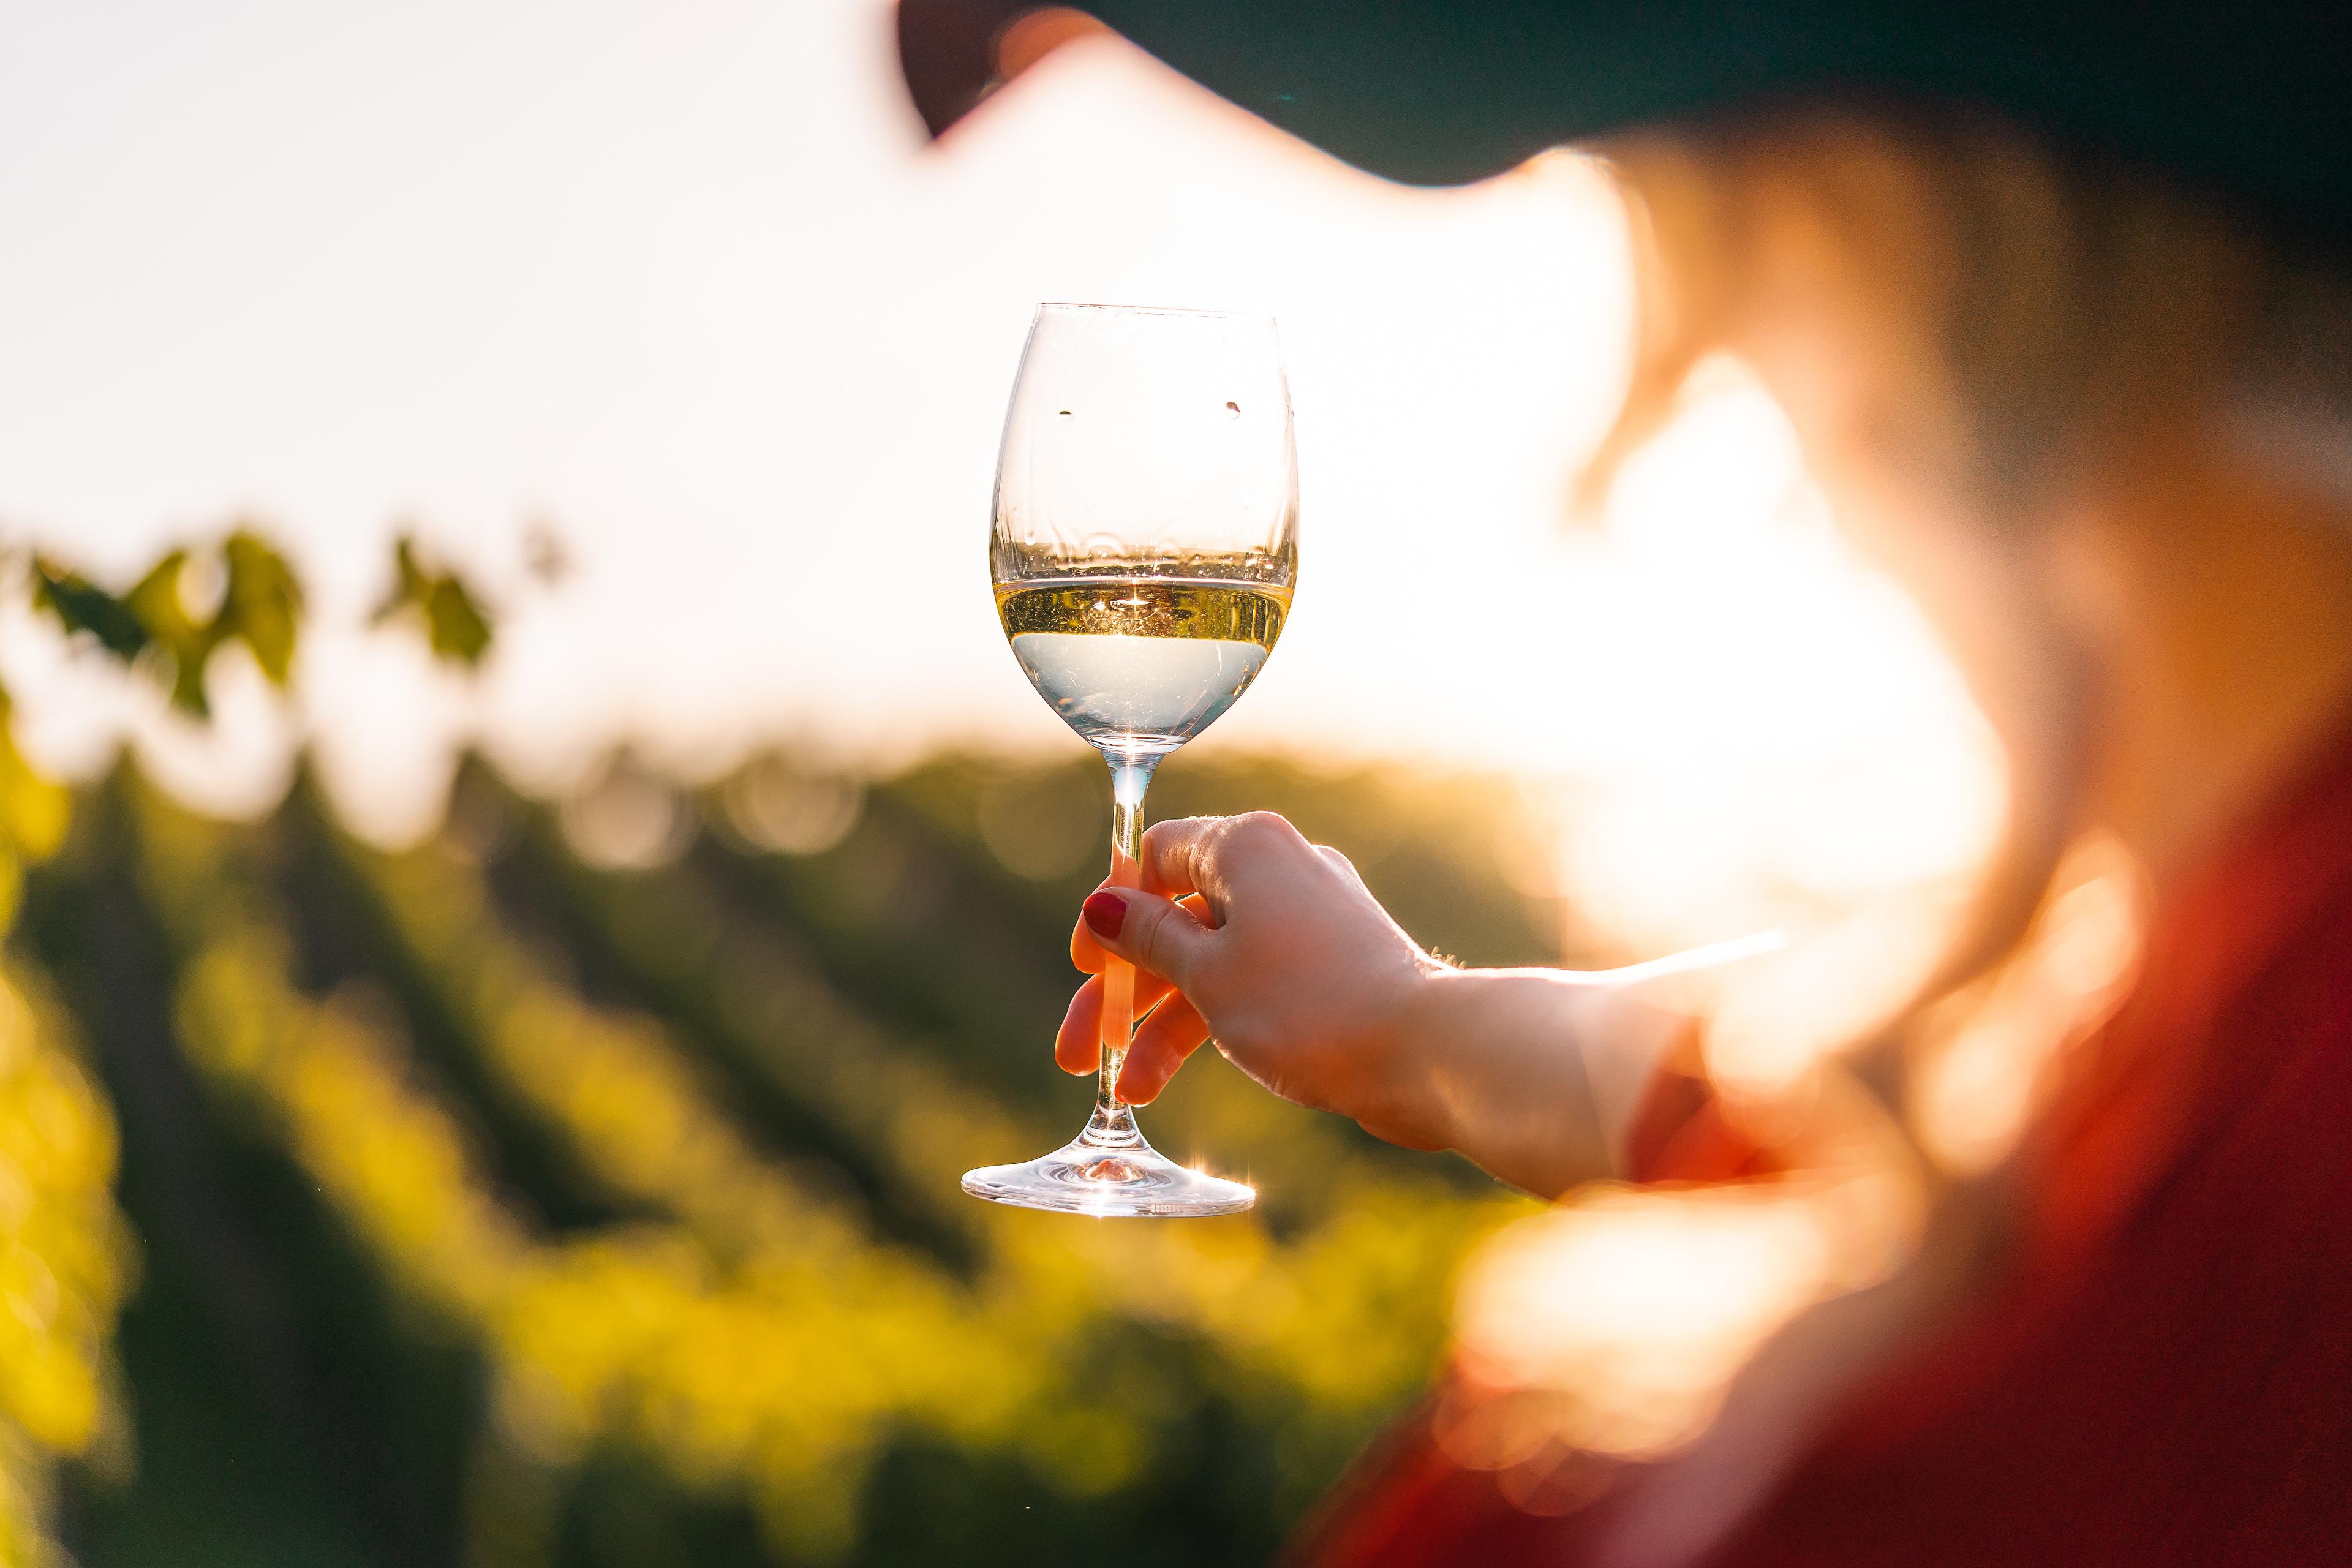 3840x2560 Vino Bokeh Vaso de vino Mano fondo borroso